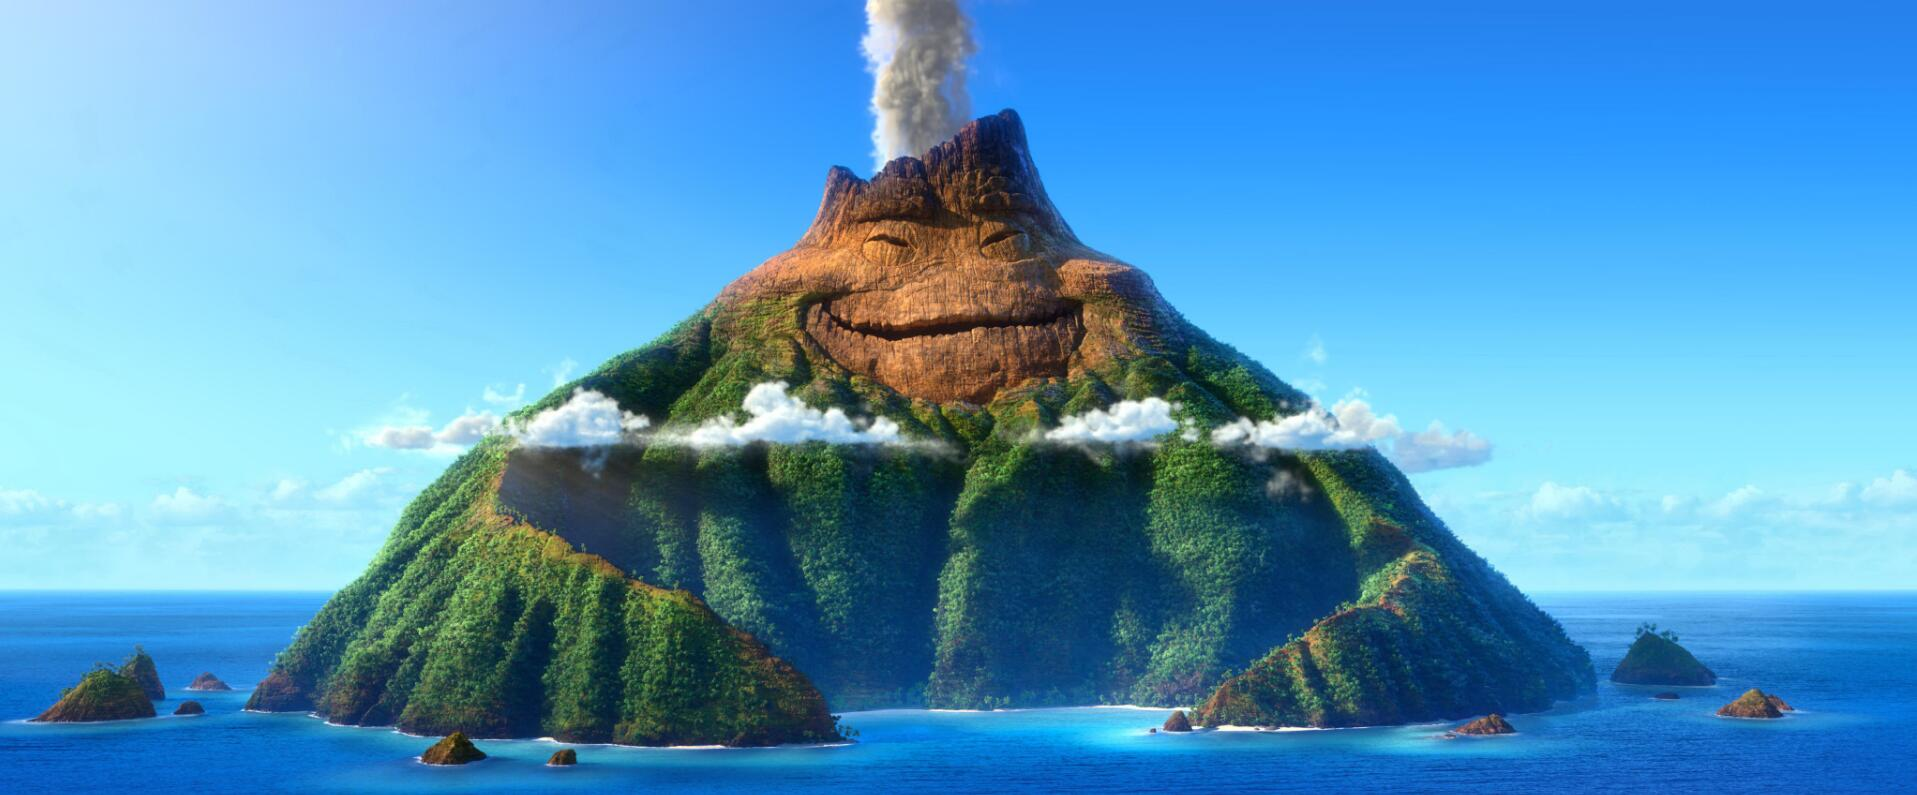 岩浆 Lava (2014)